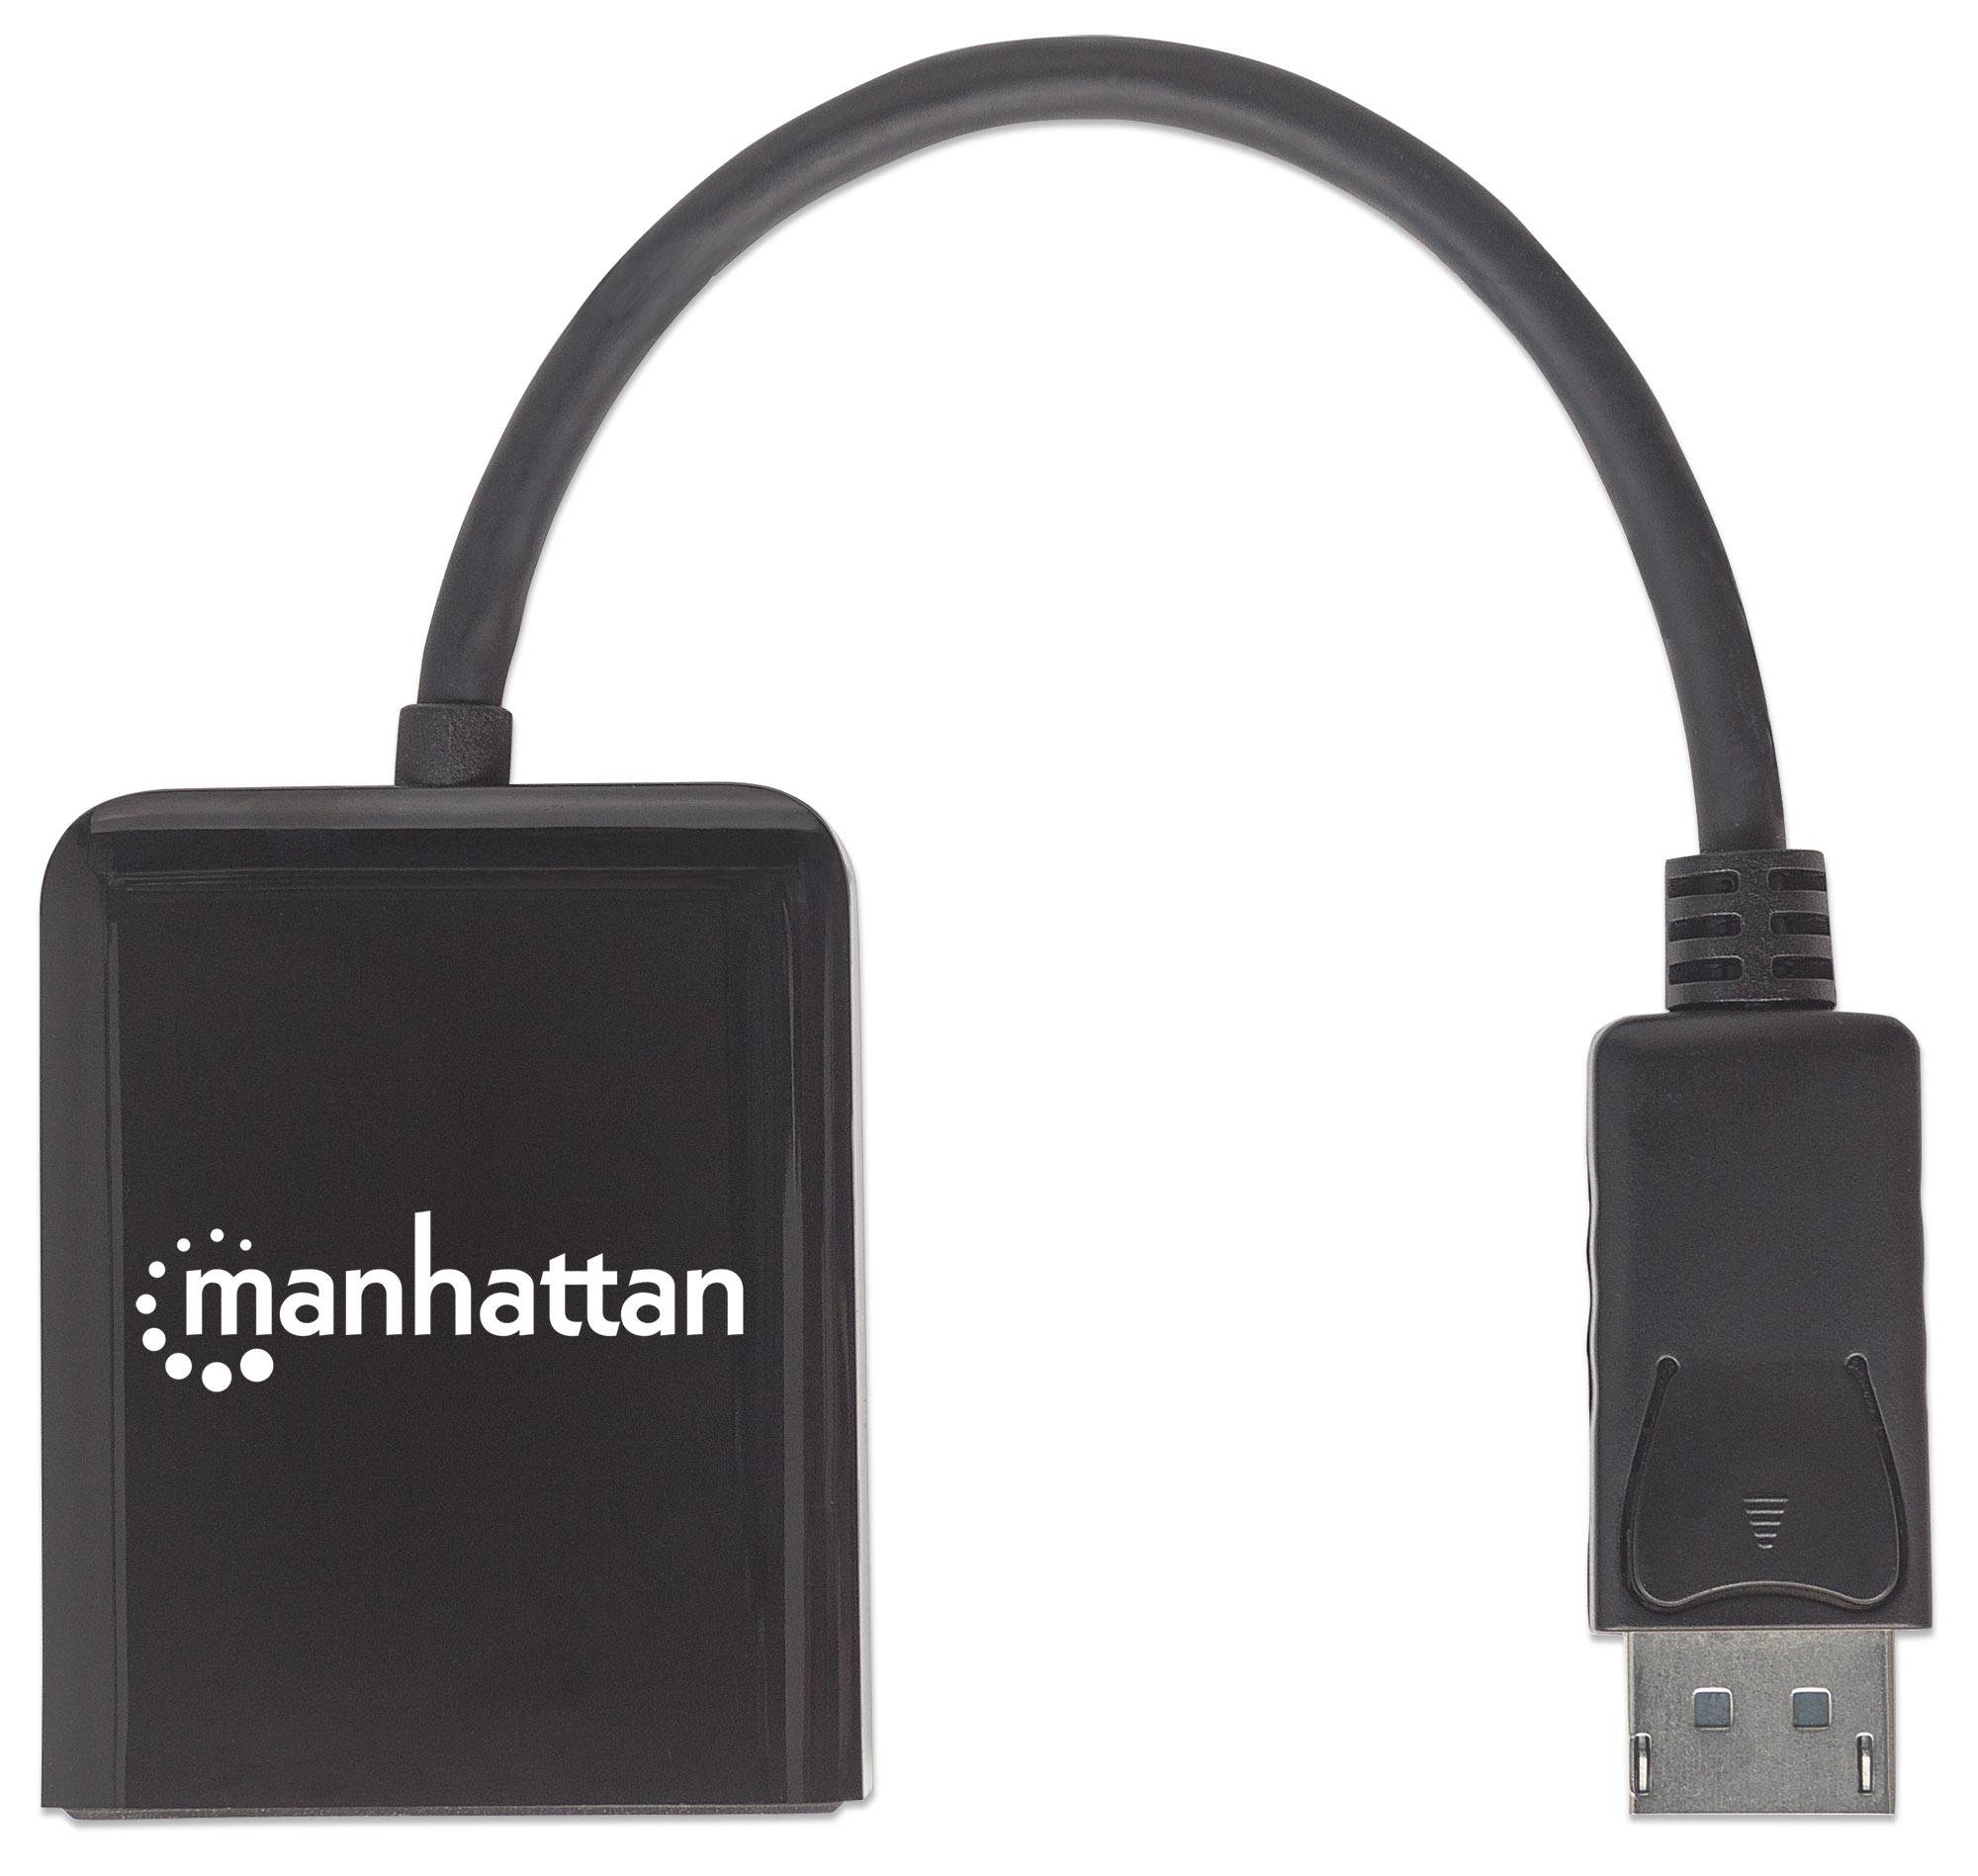 DisplayPort to Dual DisplayPort - MST Hub